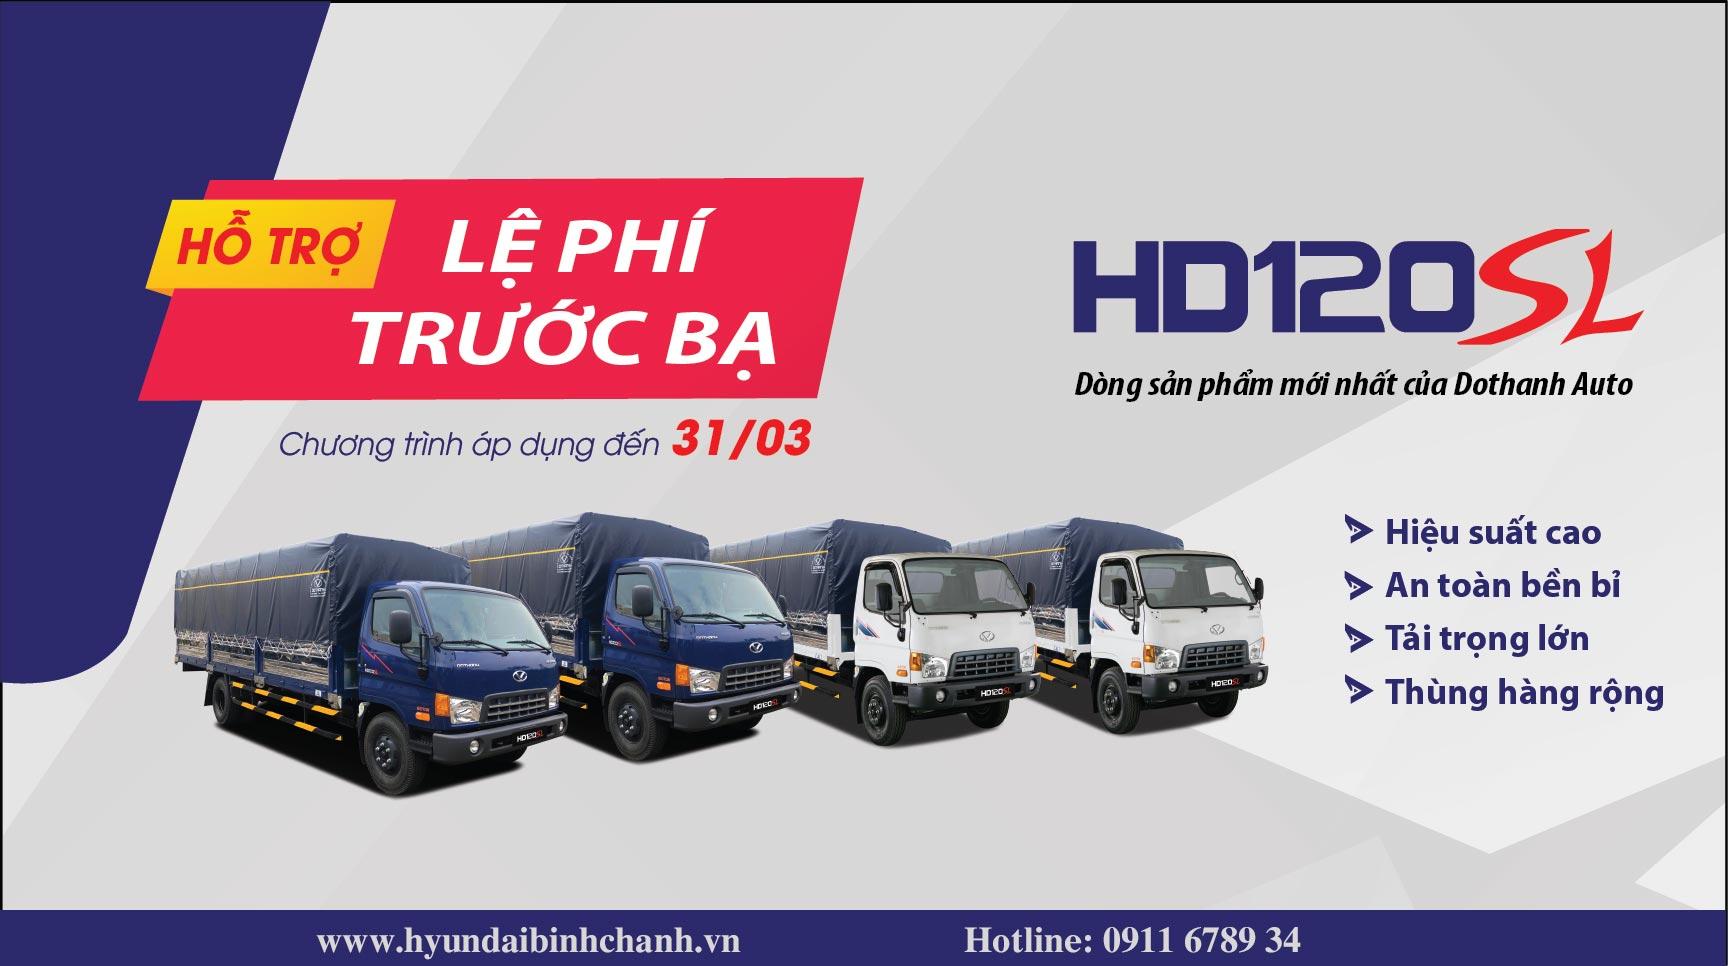 khuyen-mai-truoc-ba-hd120sl Hyundai Bình Chánh khuyến mãi 100% thuế trước bạ cho tất cả các dòng Hyundai HD120SL 8 tấn thùng 6,3 mét